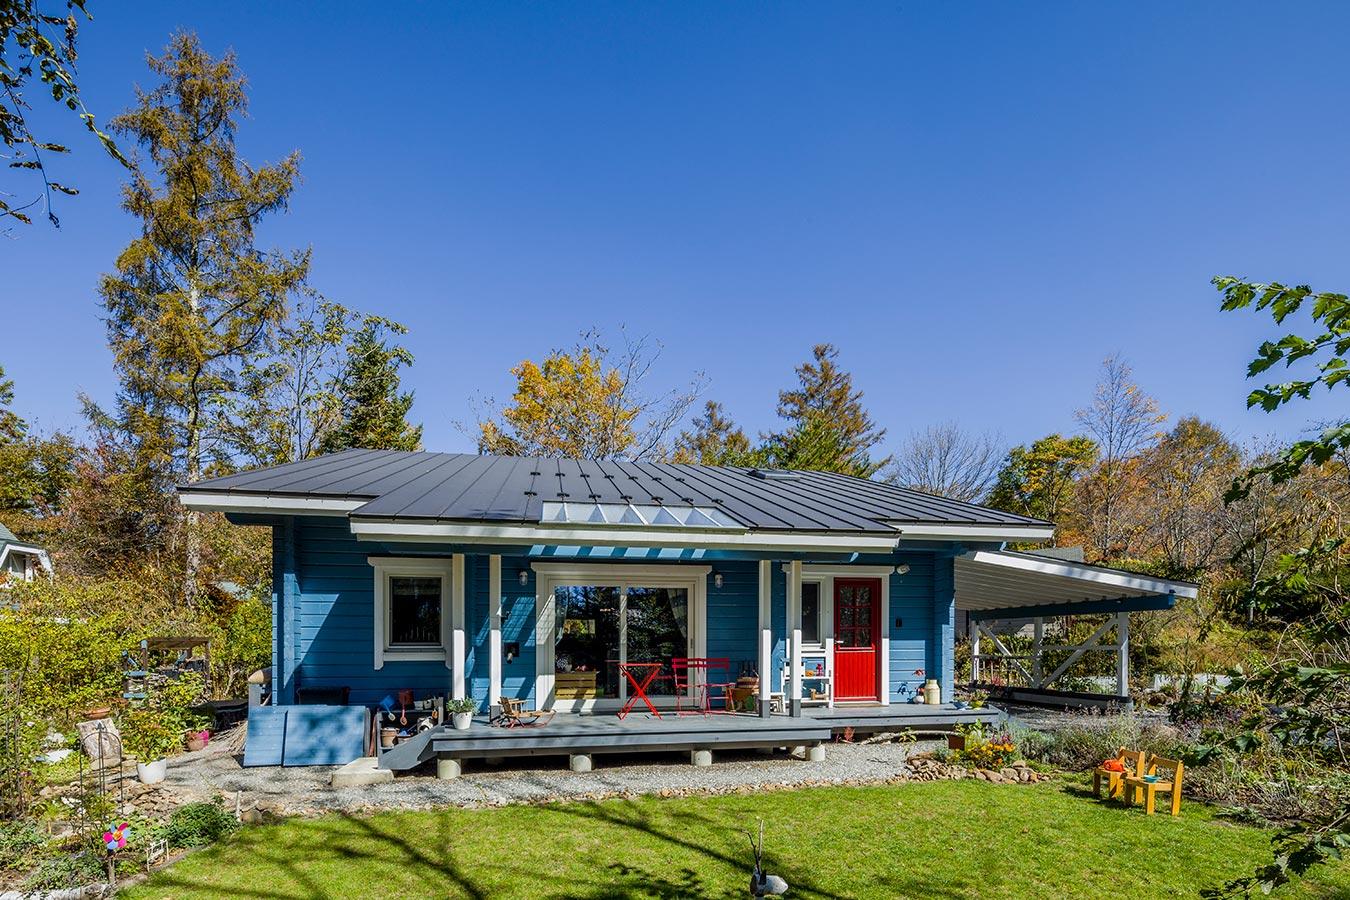 芝生の緑と建物のブルー、エントランスドアの赤が鮮やかなコントラストを描く片流れ屋根のシャープな外観。